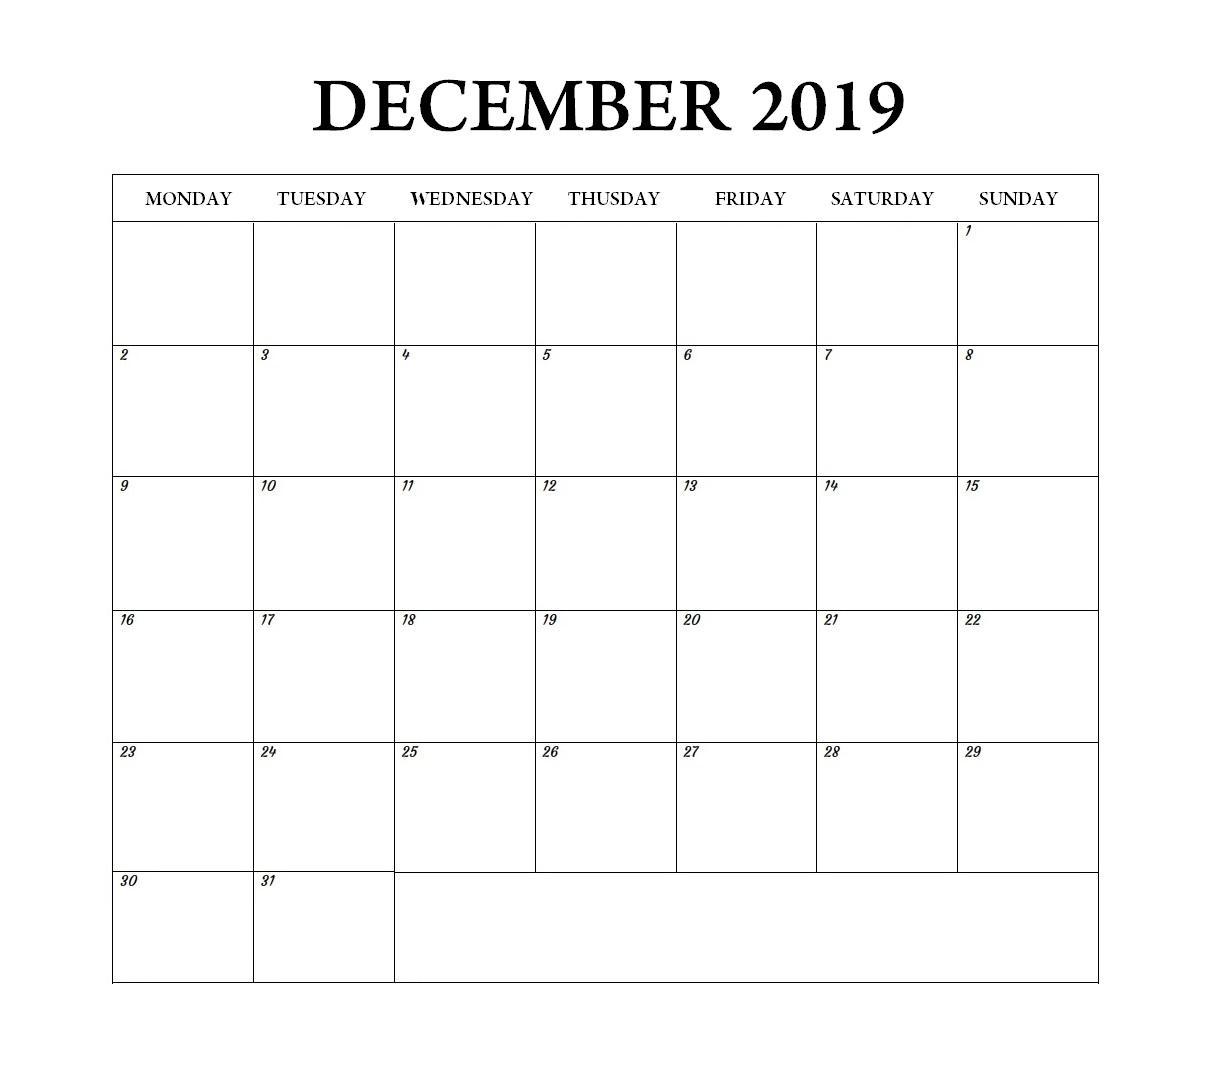 Blank December 2019 Weekly Planner